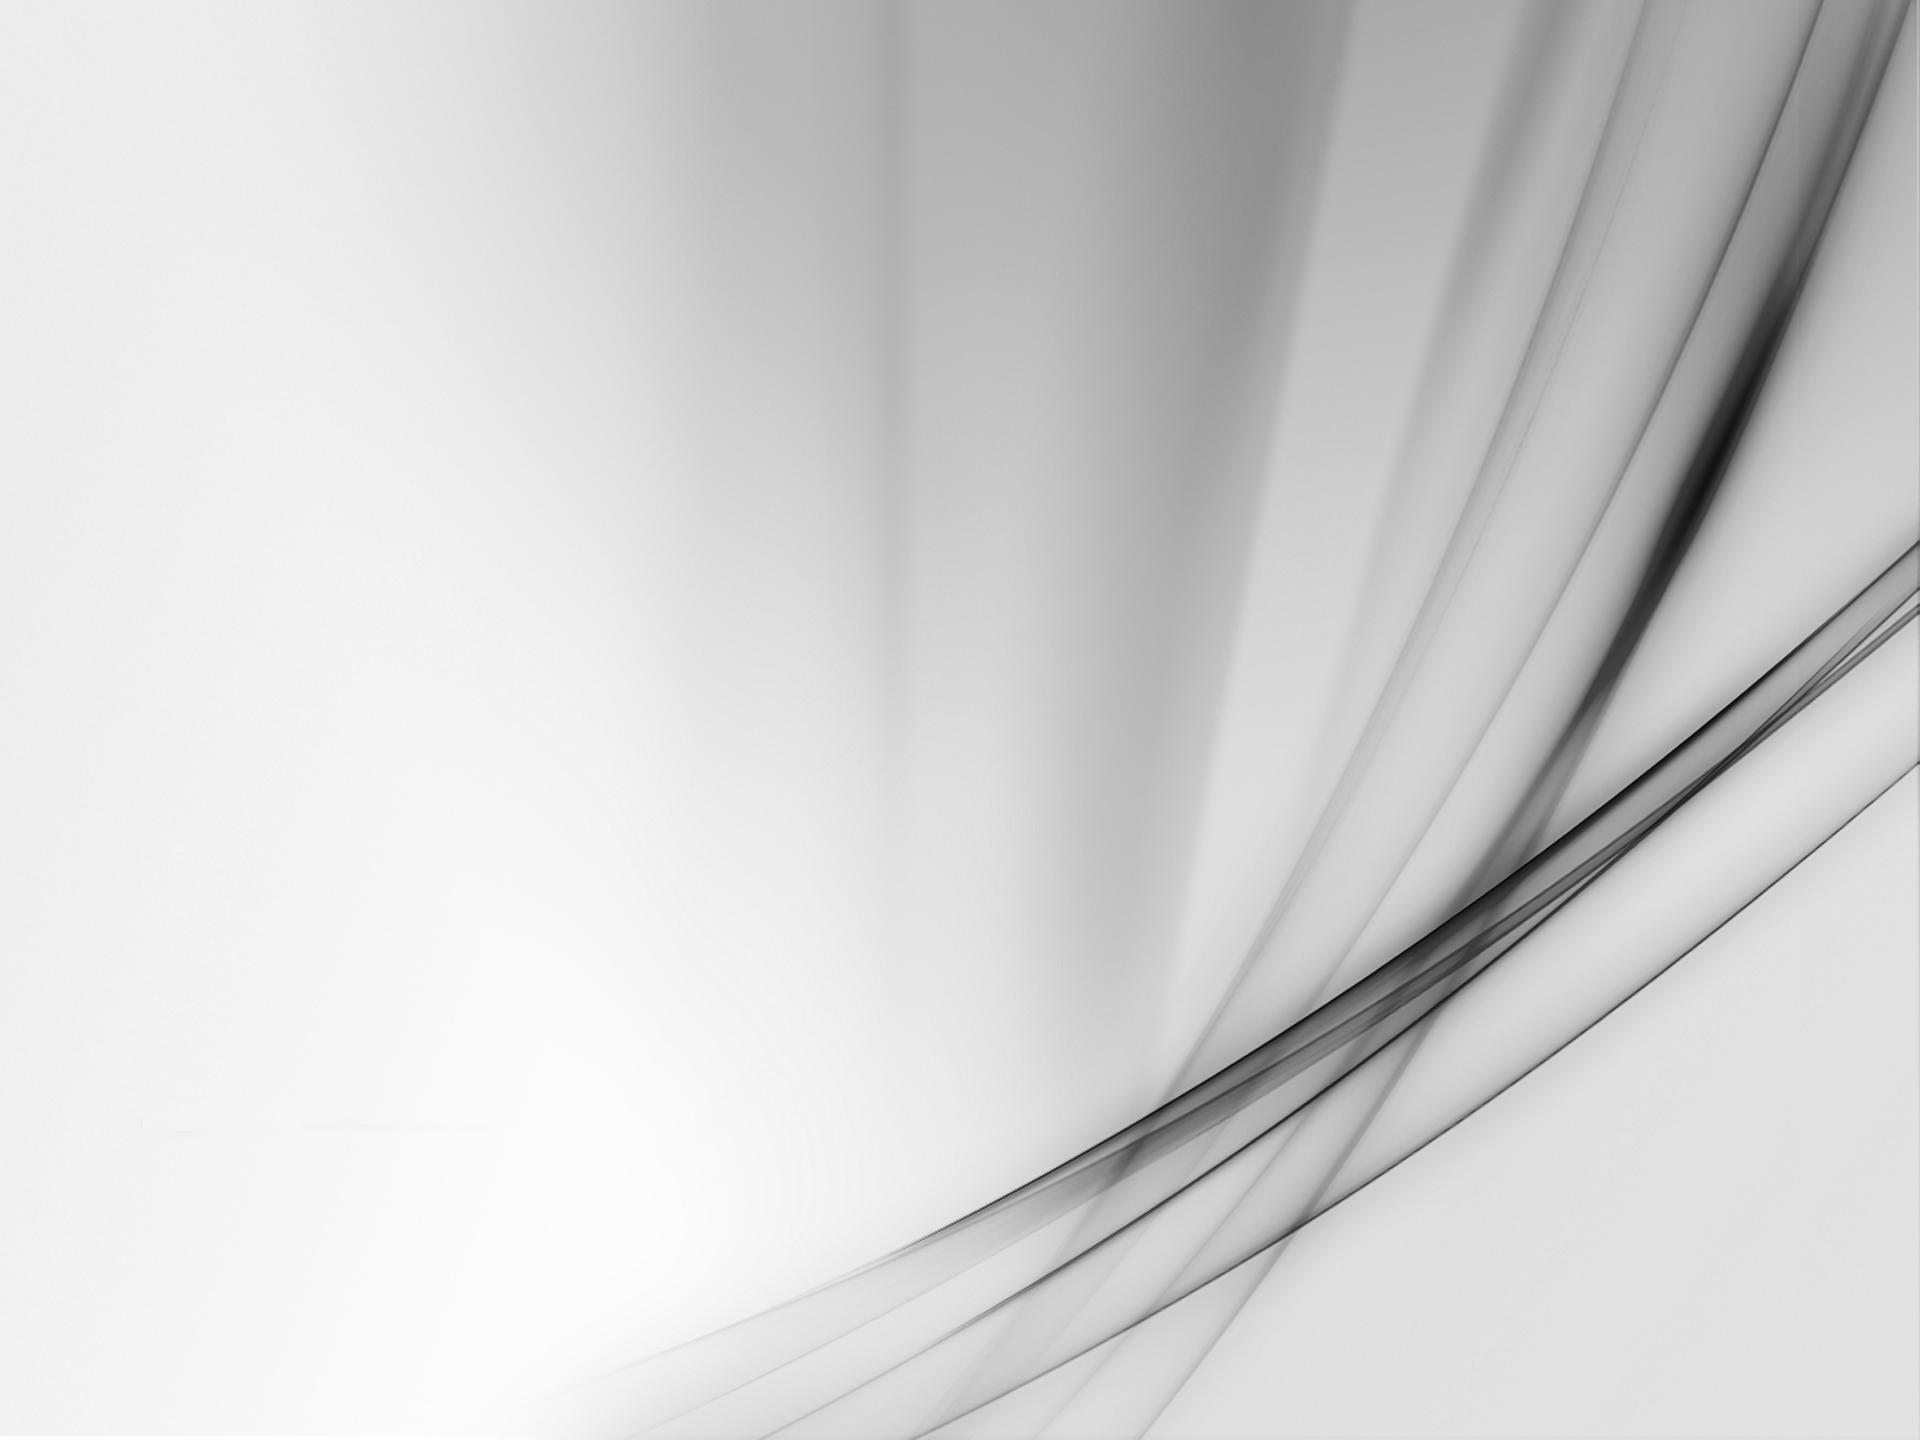 White Wallpaper 859 Wallpapers HD